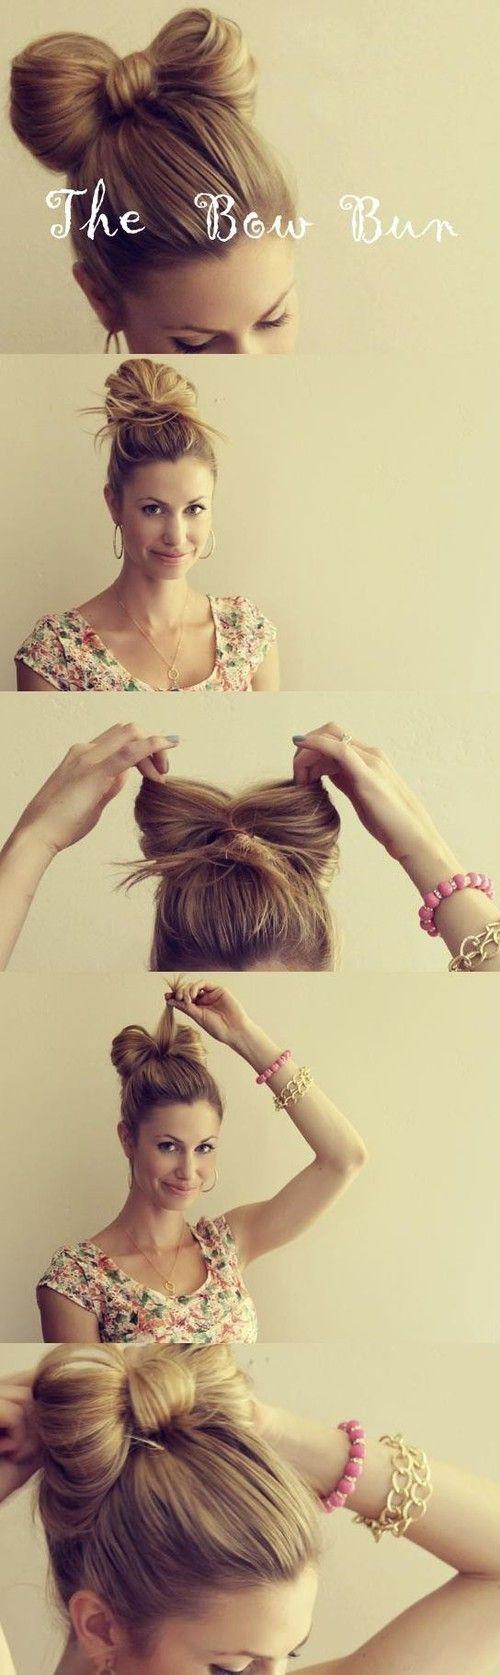 Con solo tu pelo podes hacer un peinado de moño Sie inetessieren sich für den einzigartigen Gentleman Look? Schauen Sie im Blog vorbei www.thegentlemanclub.de